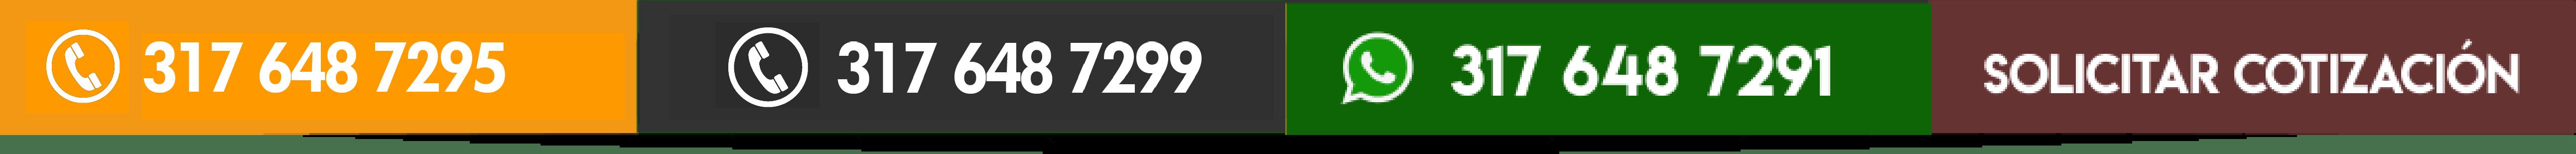 telefonos-nuevos-01-01